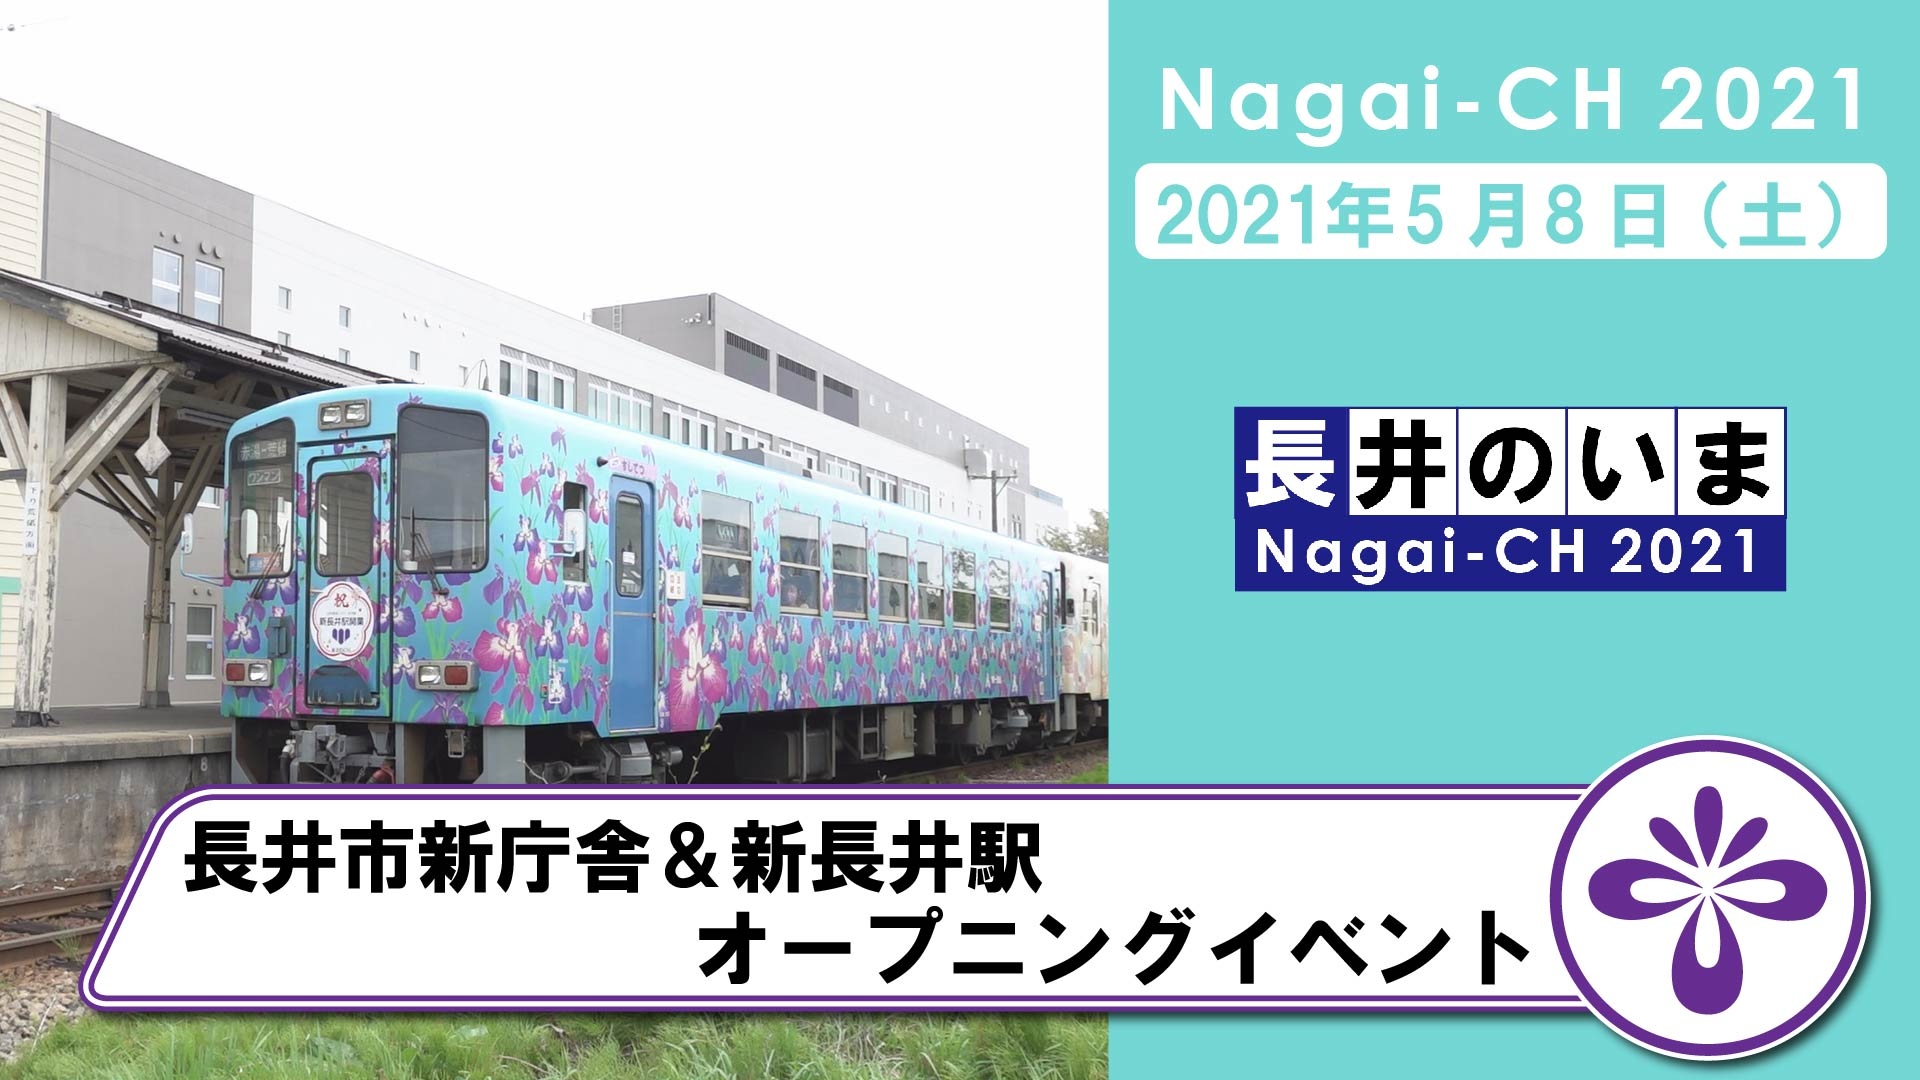 【長井市】長井市新庁舎&新長井駅オープニングイベント(令和3年5月8日):画像